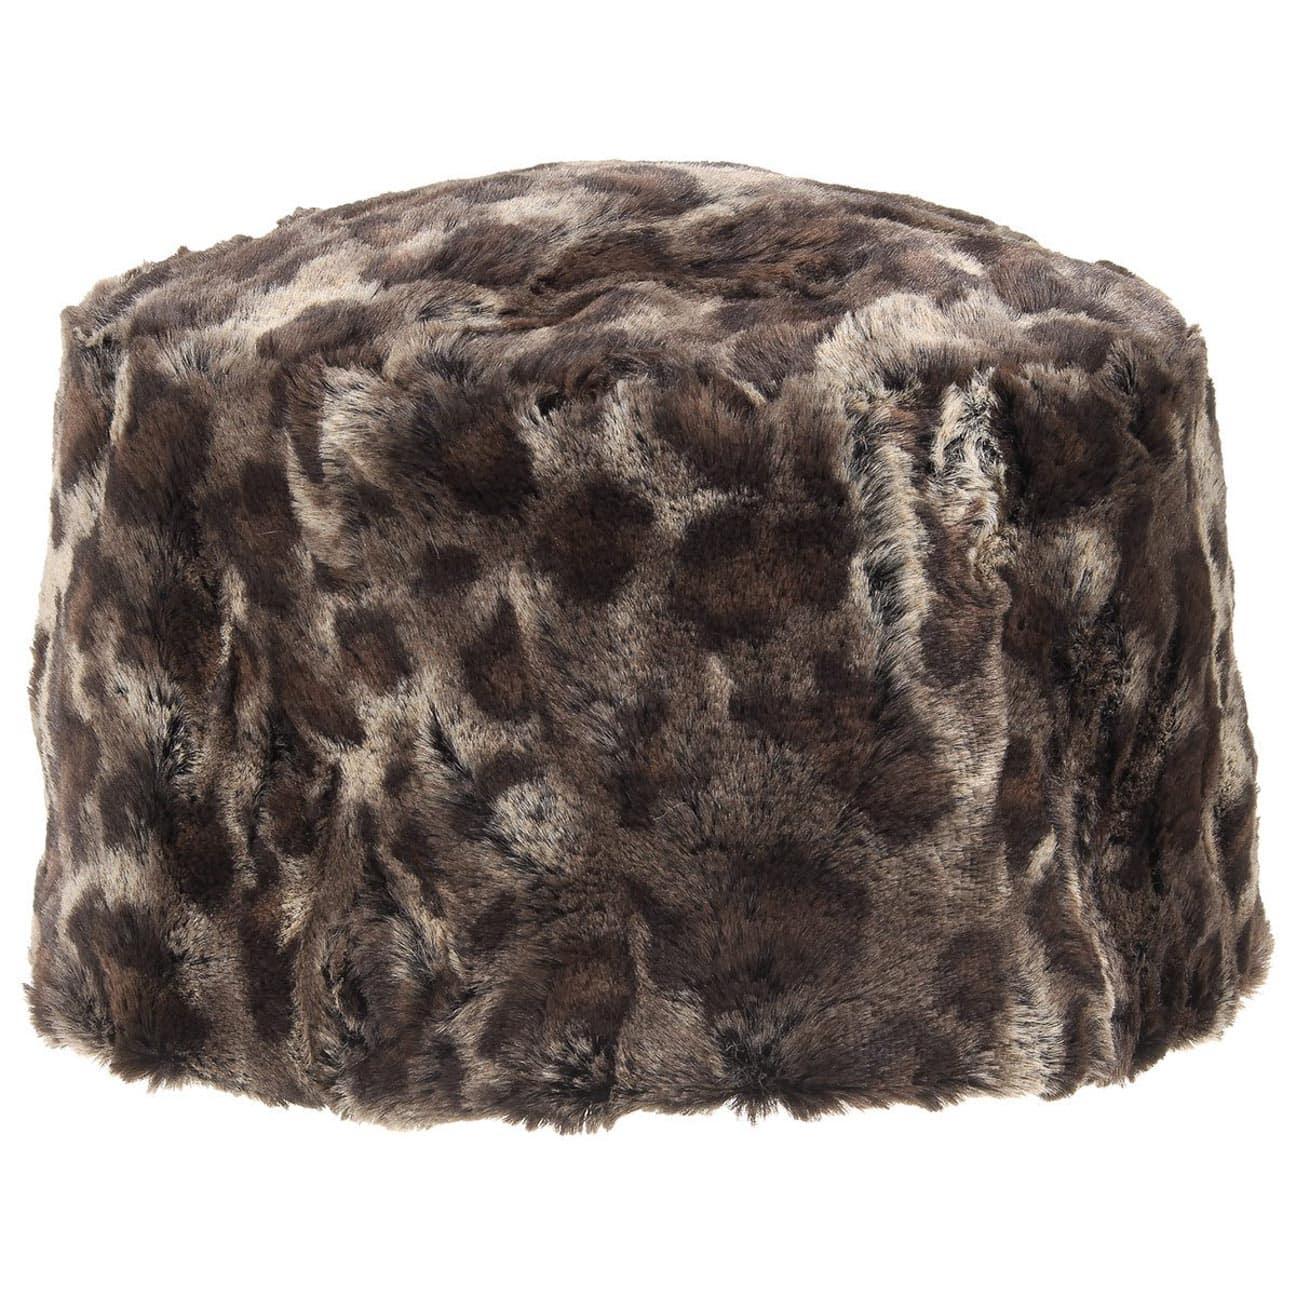 Gorro Leo Laraice by Gebeana  sombrero de invierno